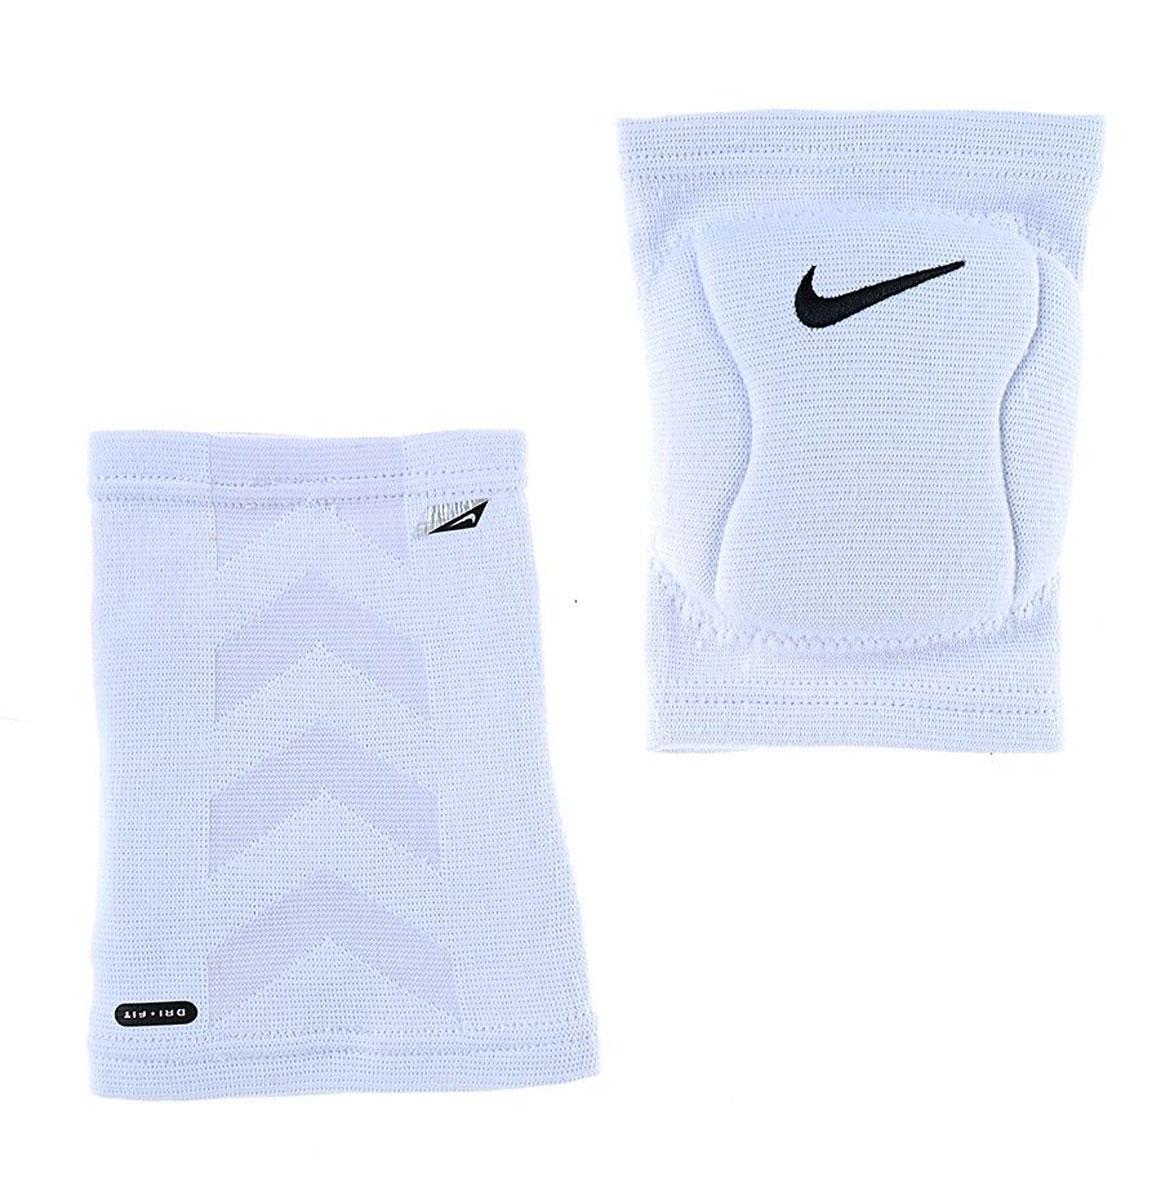 Наколенник Nike, цвет: белый. Размер M/L (пара)N.VP.07.100.MLНаколенник Nike для волейбола выполнен из высококачественного материала. В составе - вспененная резина, не натирают, комфортно сидят на ноге. С внутренней стороны - мягкая подкладка. Не стесняет движения. Очень легкие и плотно обтягивают ногу.